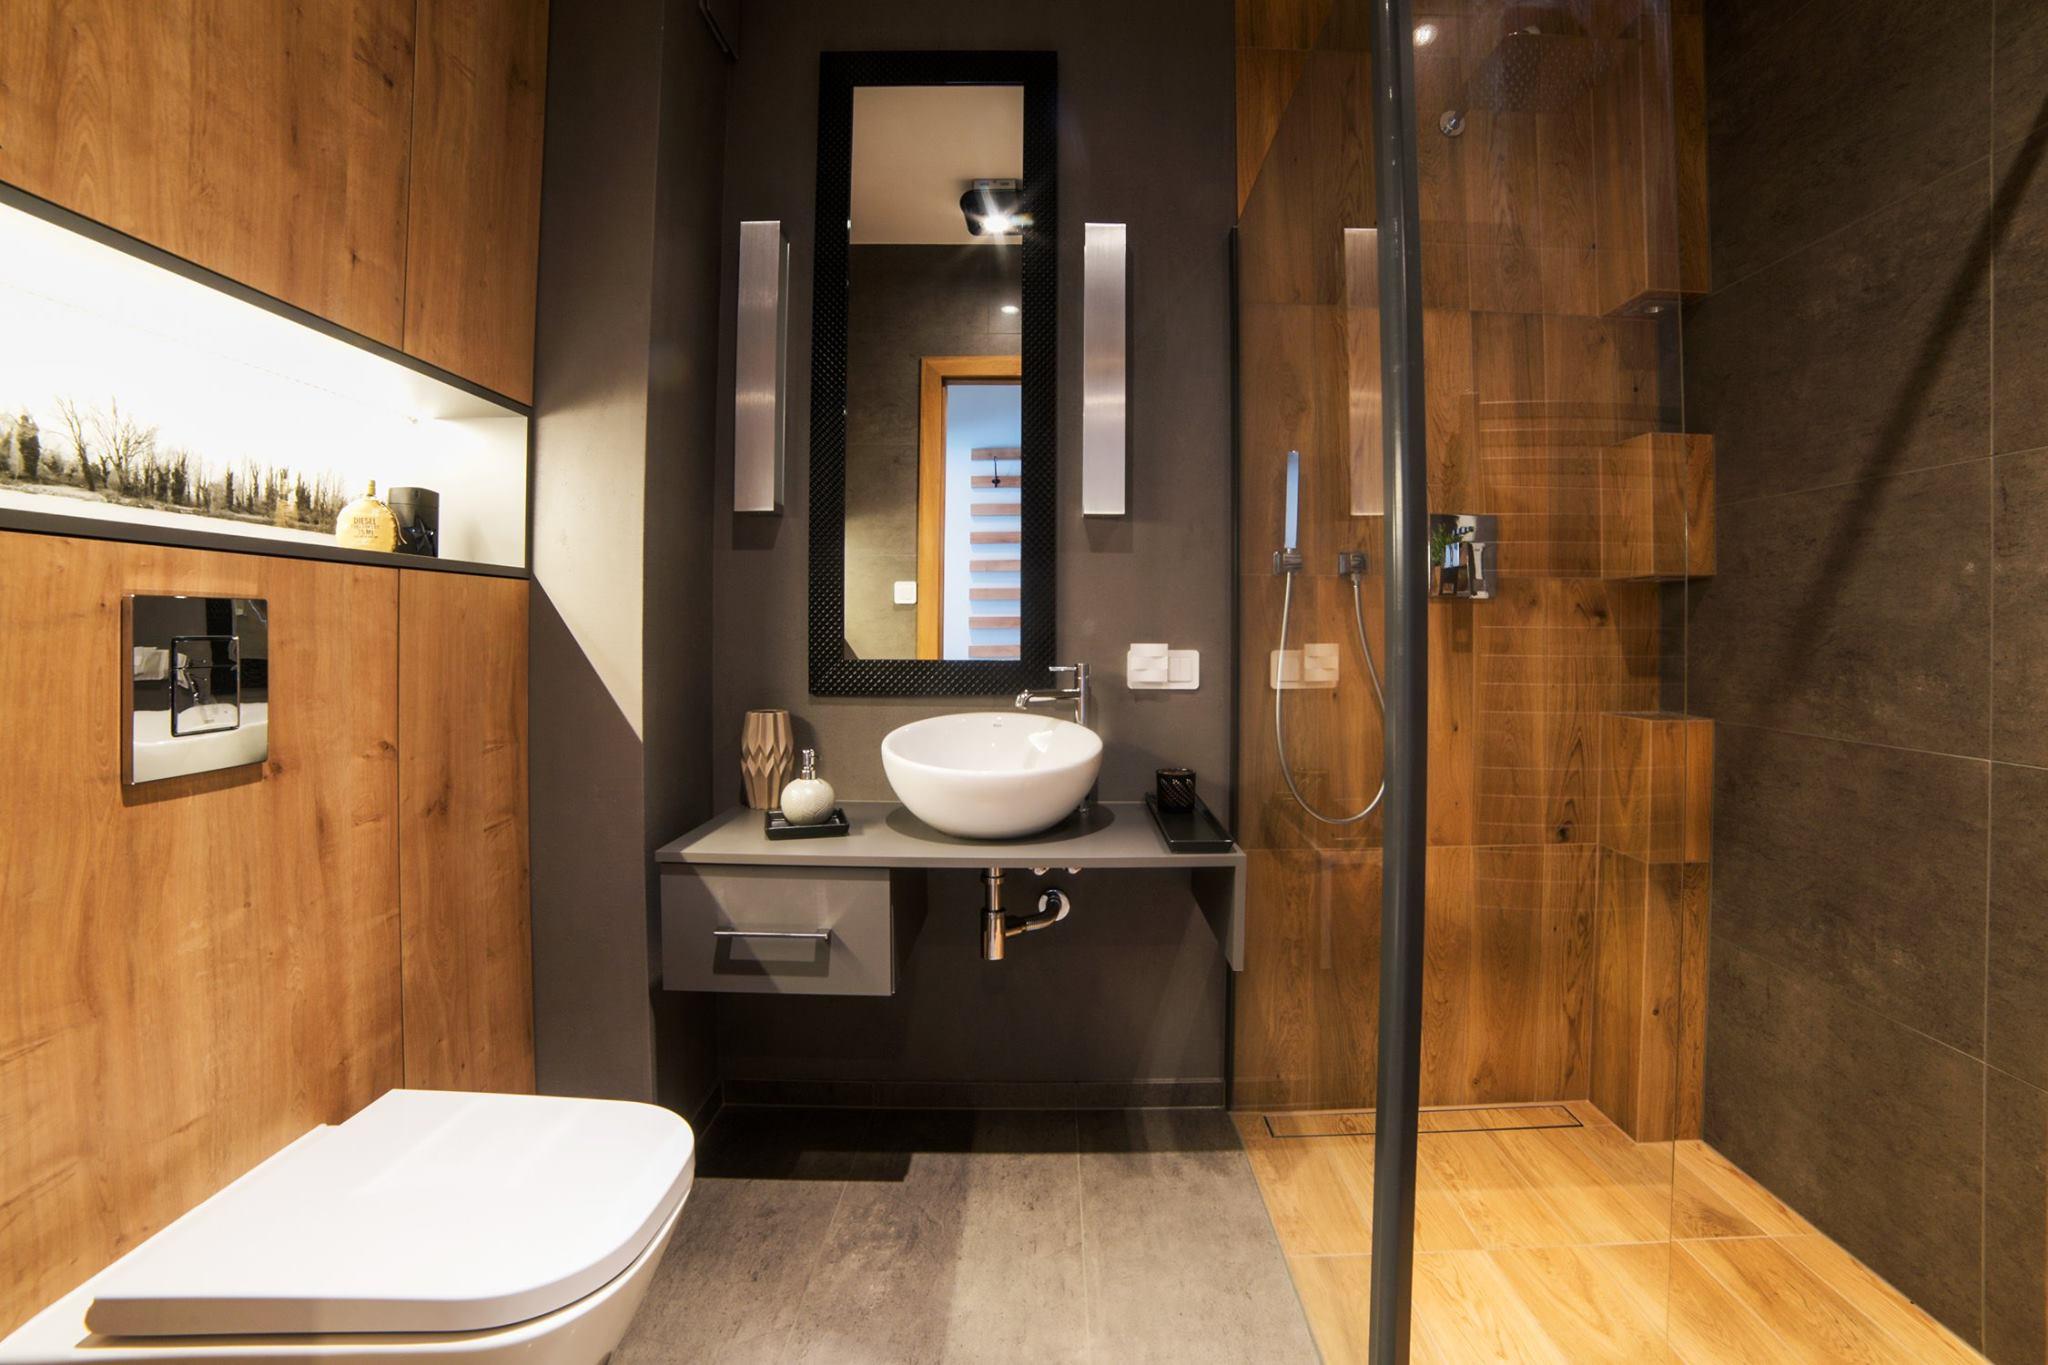 łazienka z prysznicem.jpg